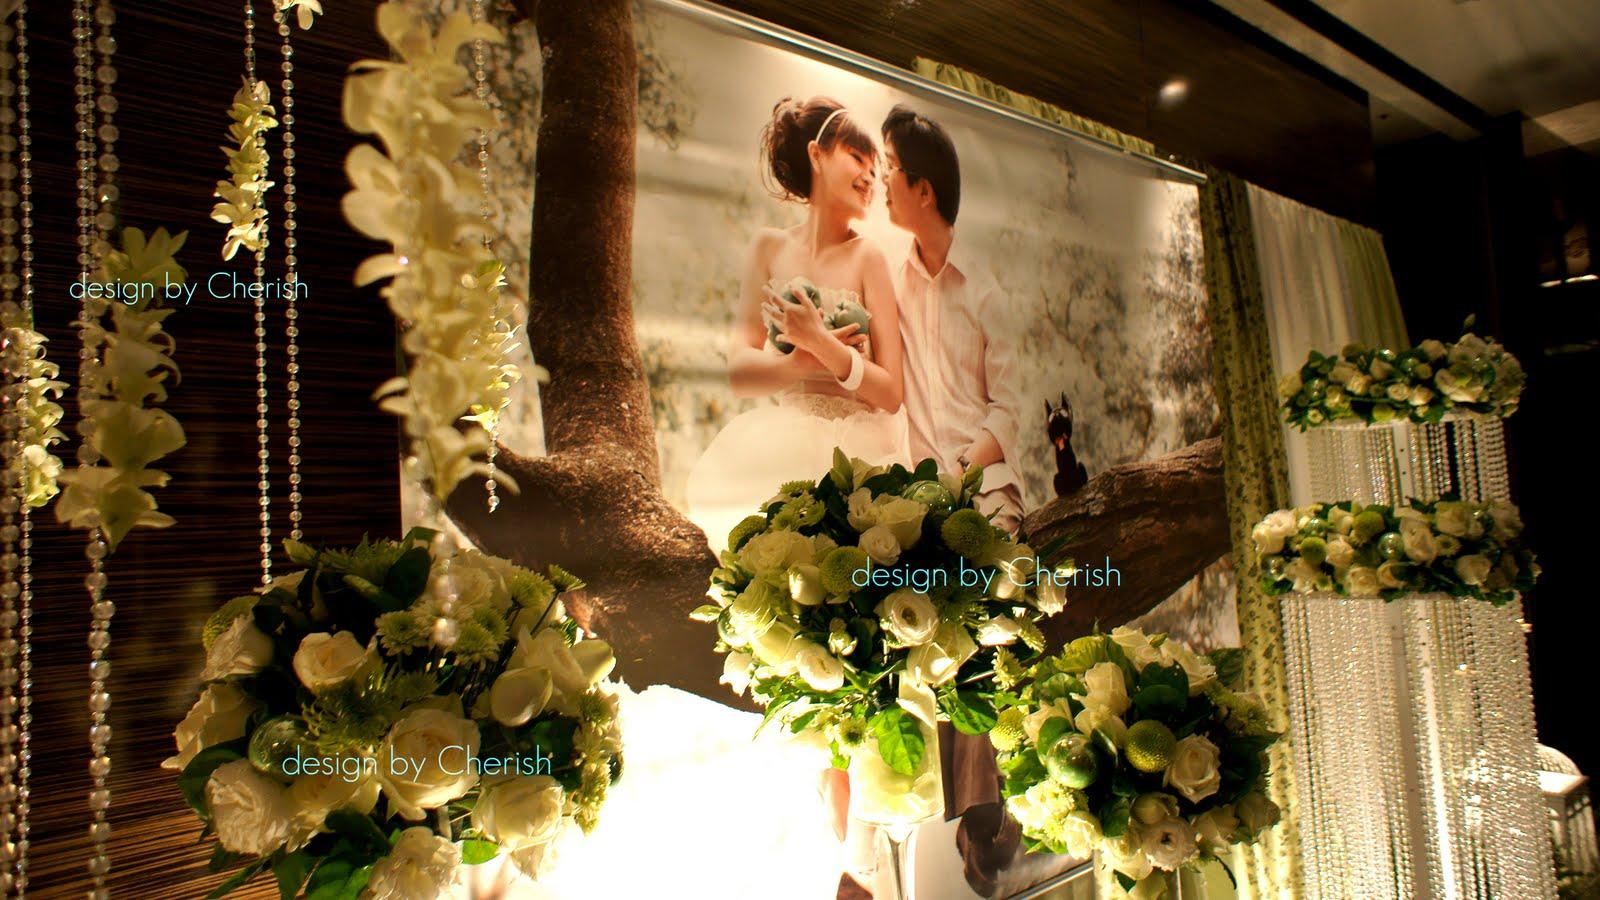 徐原希-Decoration and design: 翡白晶燦_ Cherish Wedding decoration